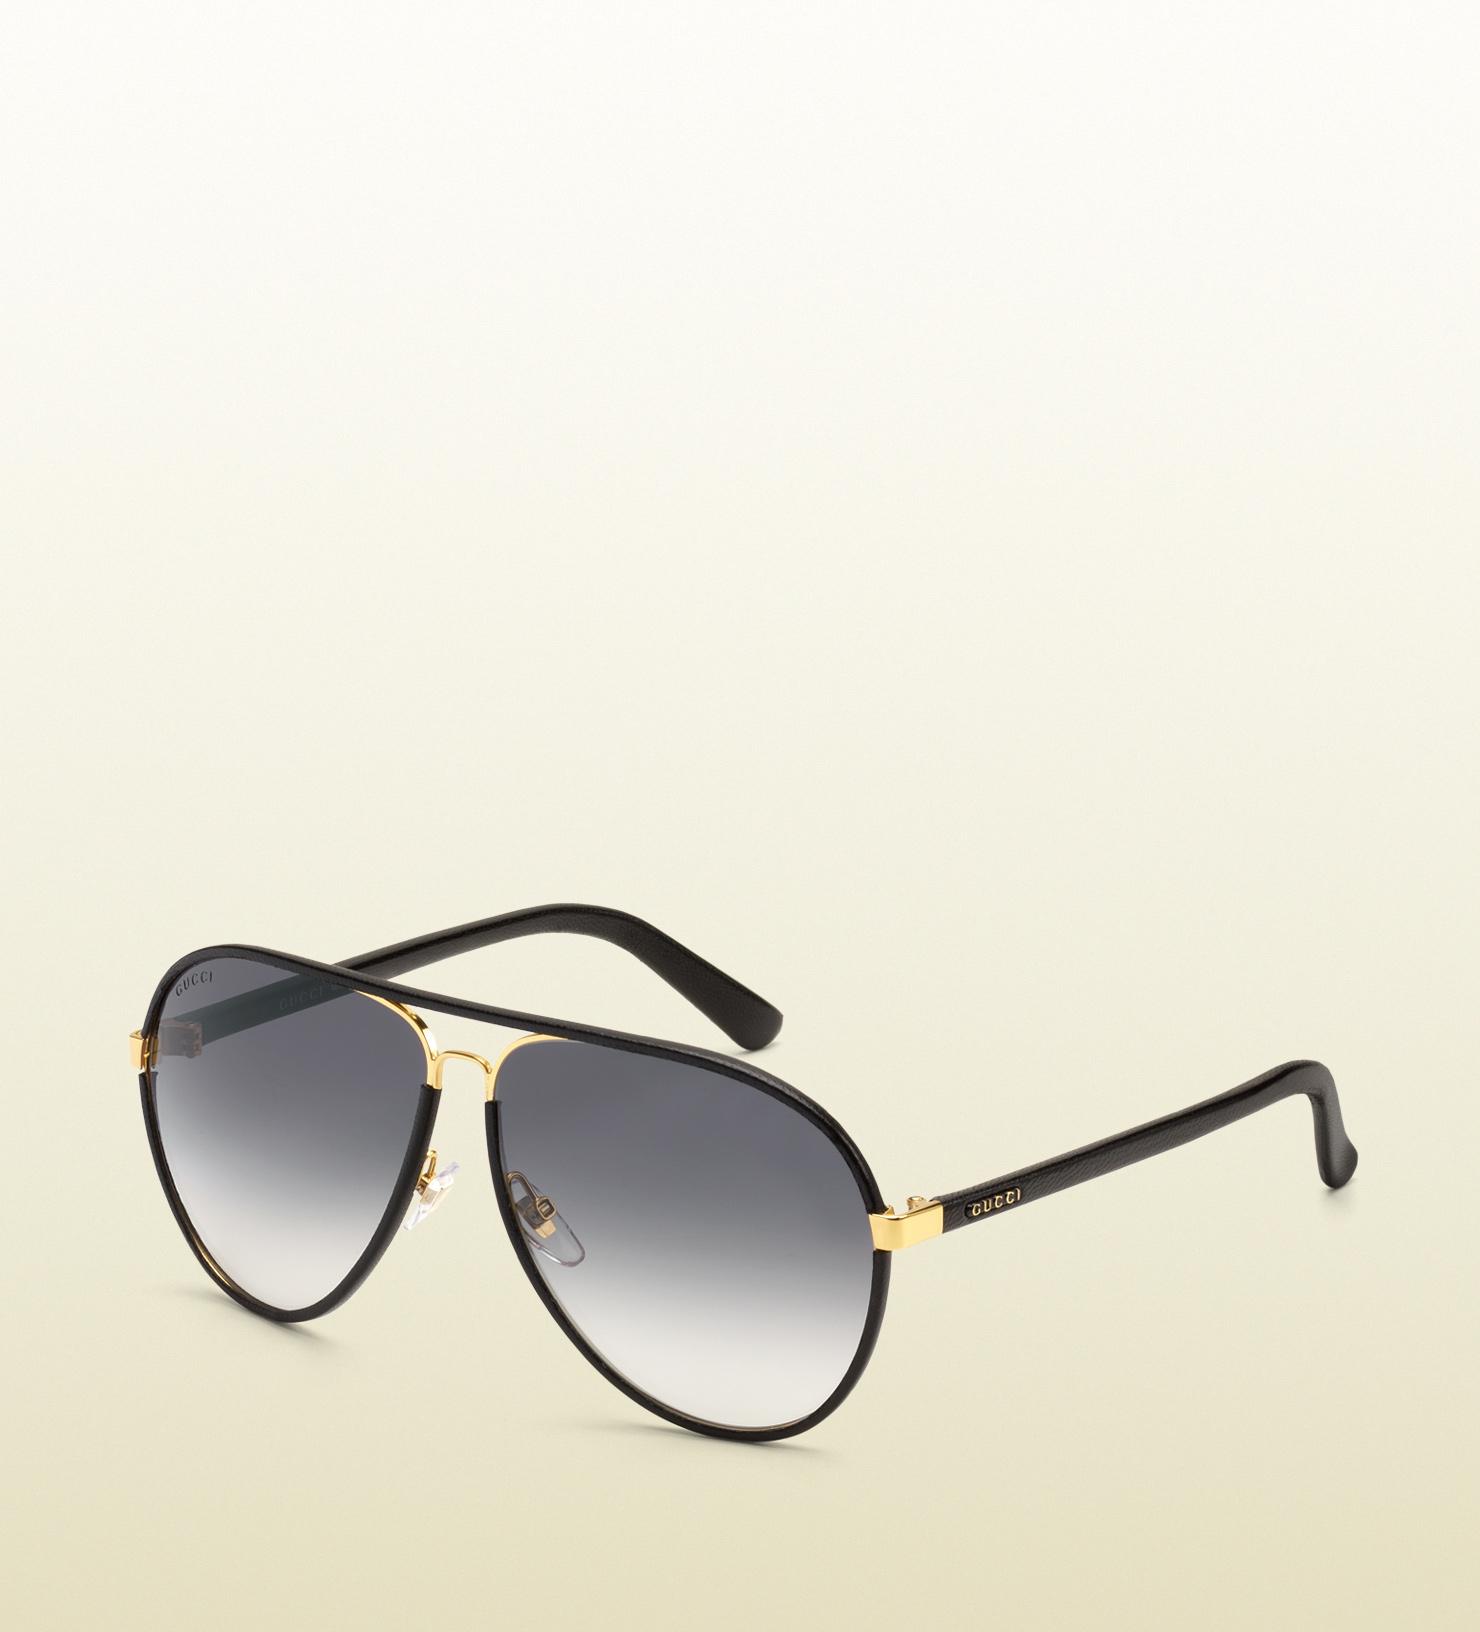 660571a0968c5 Gucci Matte Black Aviator Sunglasses